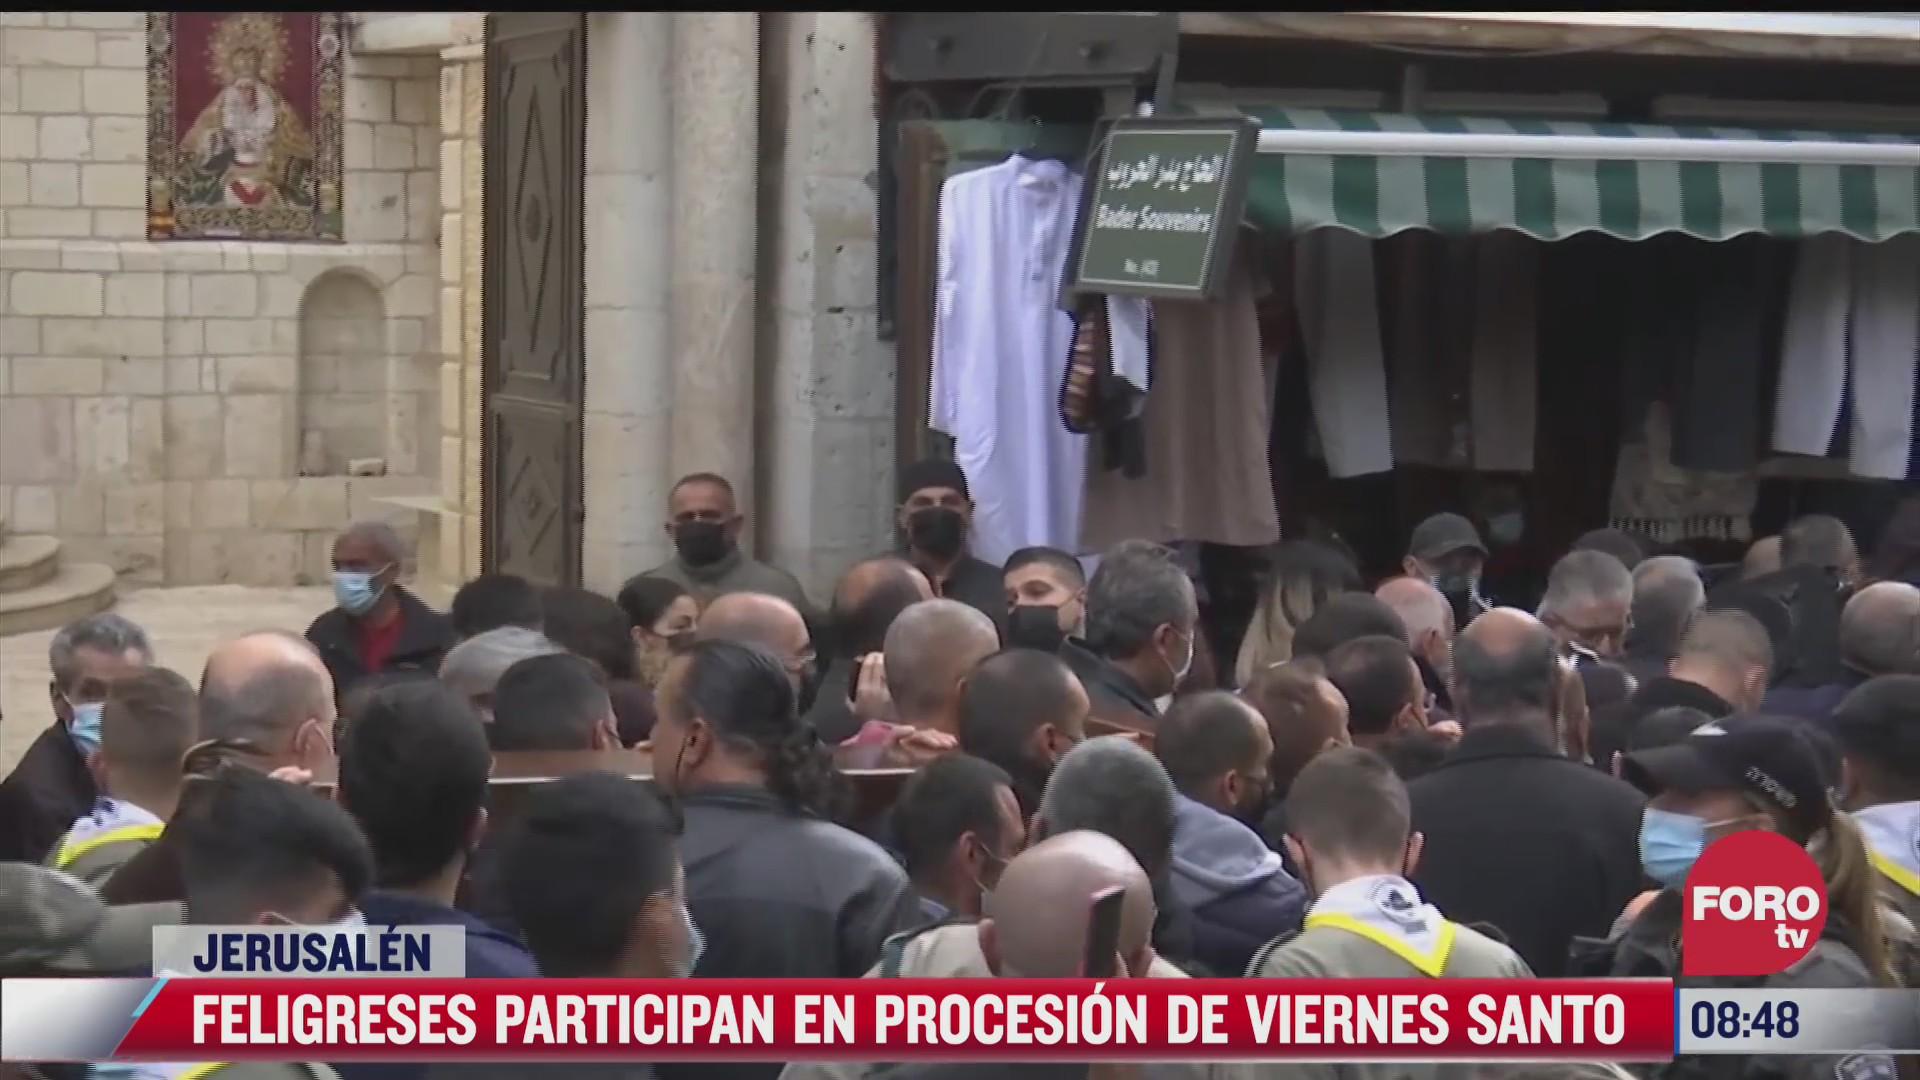 procesion del via crucis en jerusalen